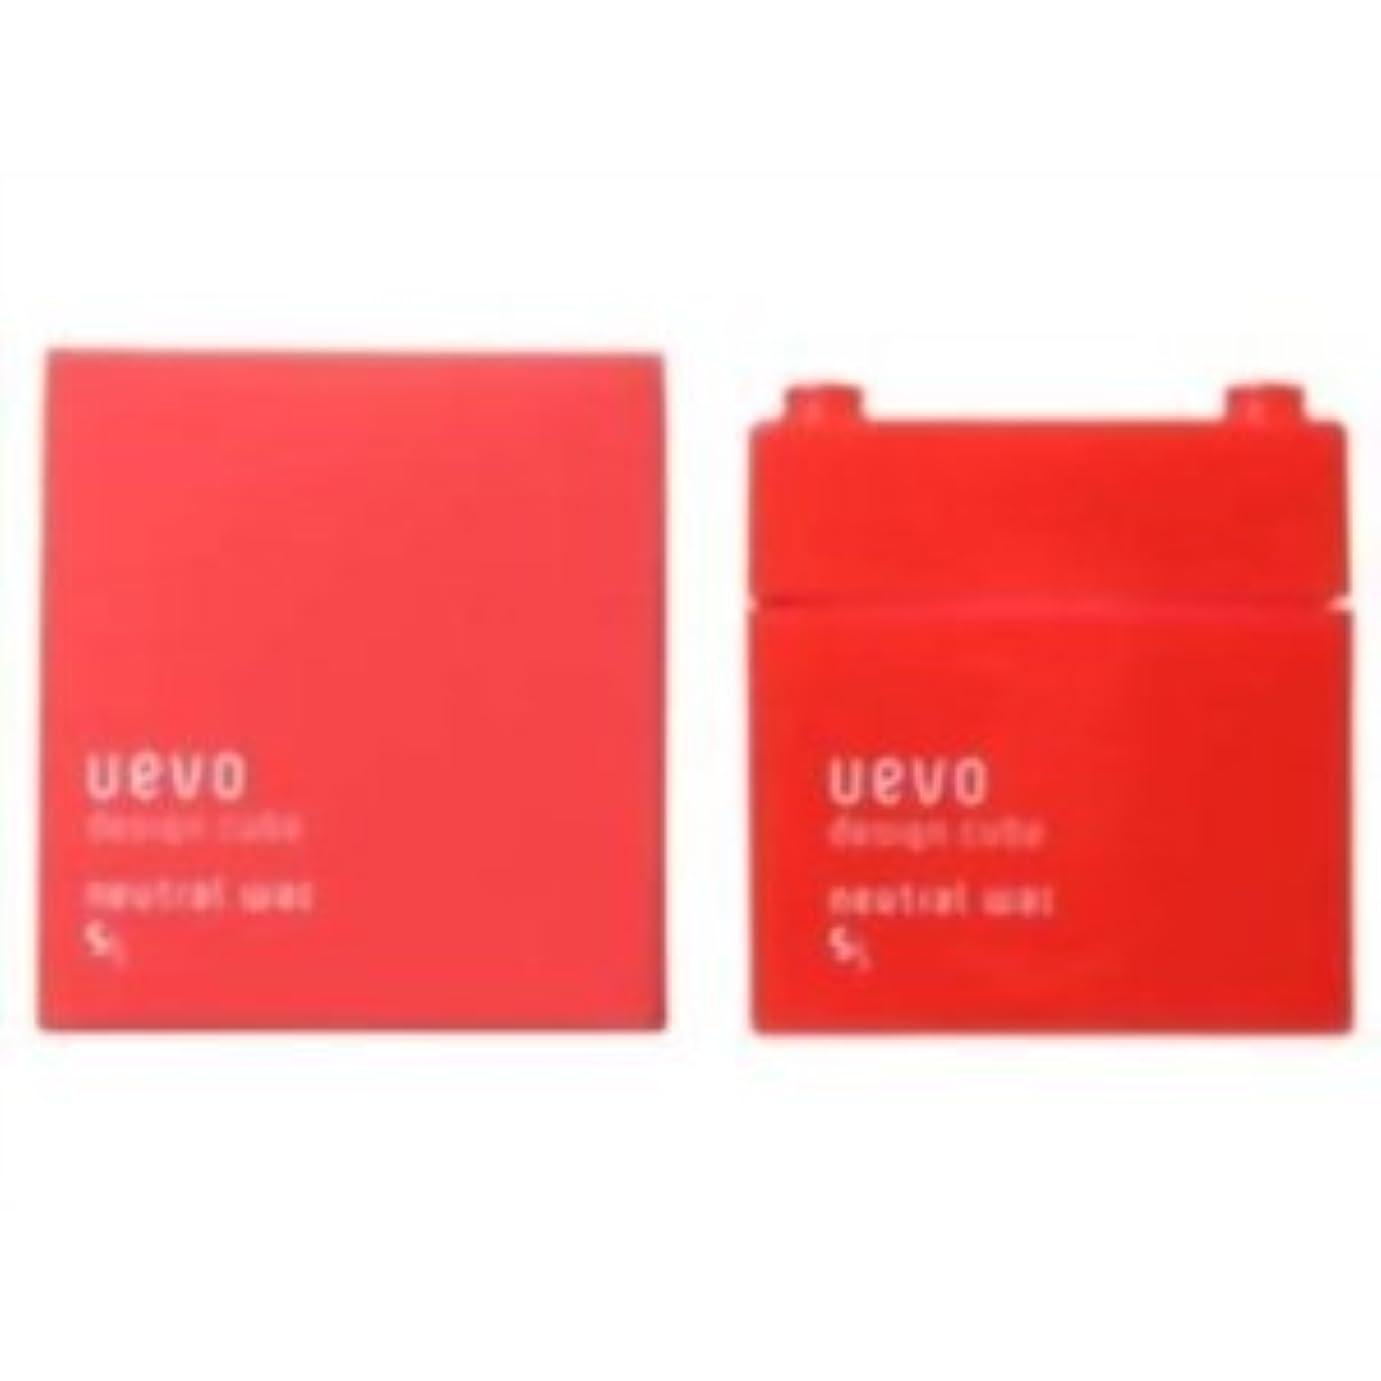 失効背が高い流体【X2個セット】 デミ ウェーボ デザインキューブ ニュートラルワックス 80g neutral wax DEMI uevo design cube